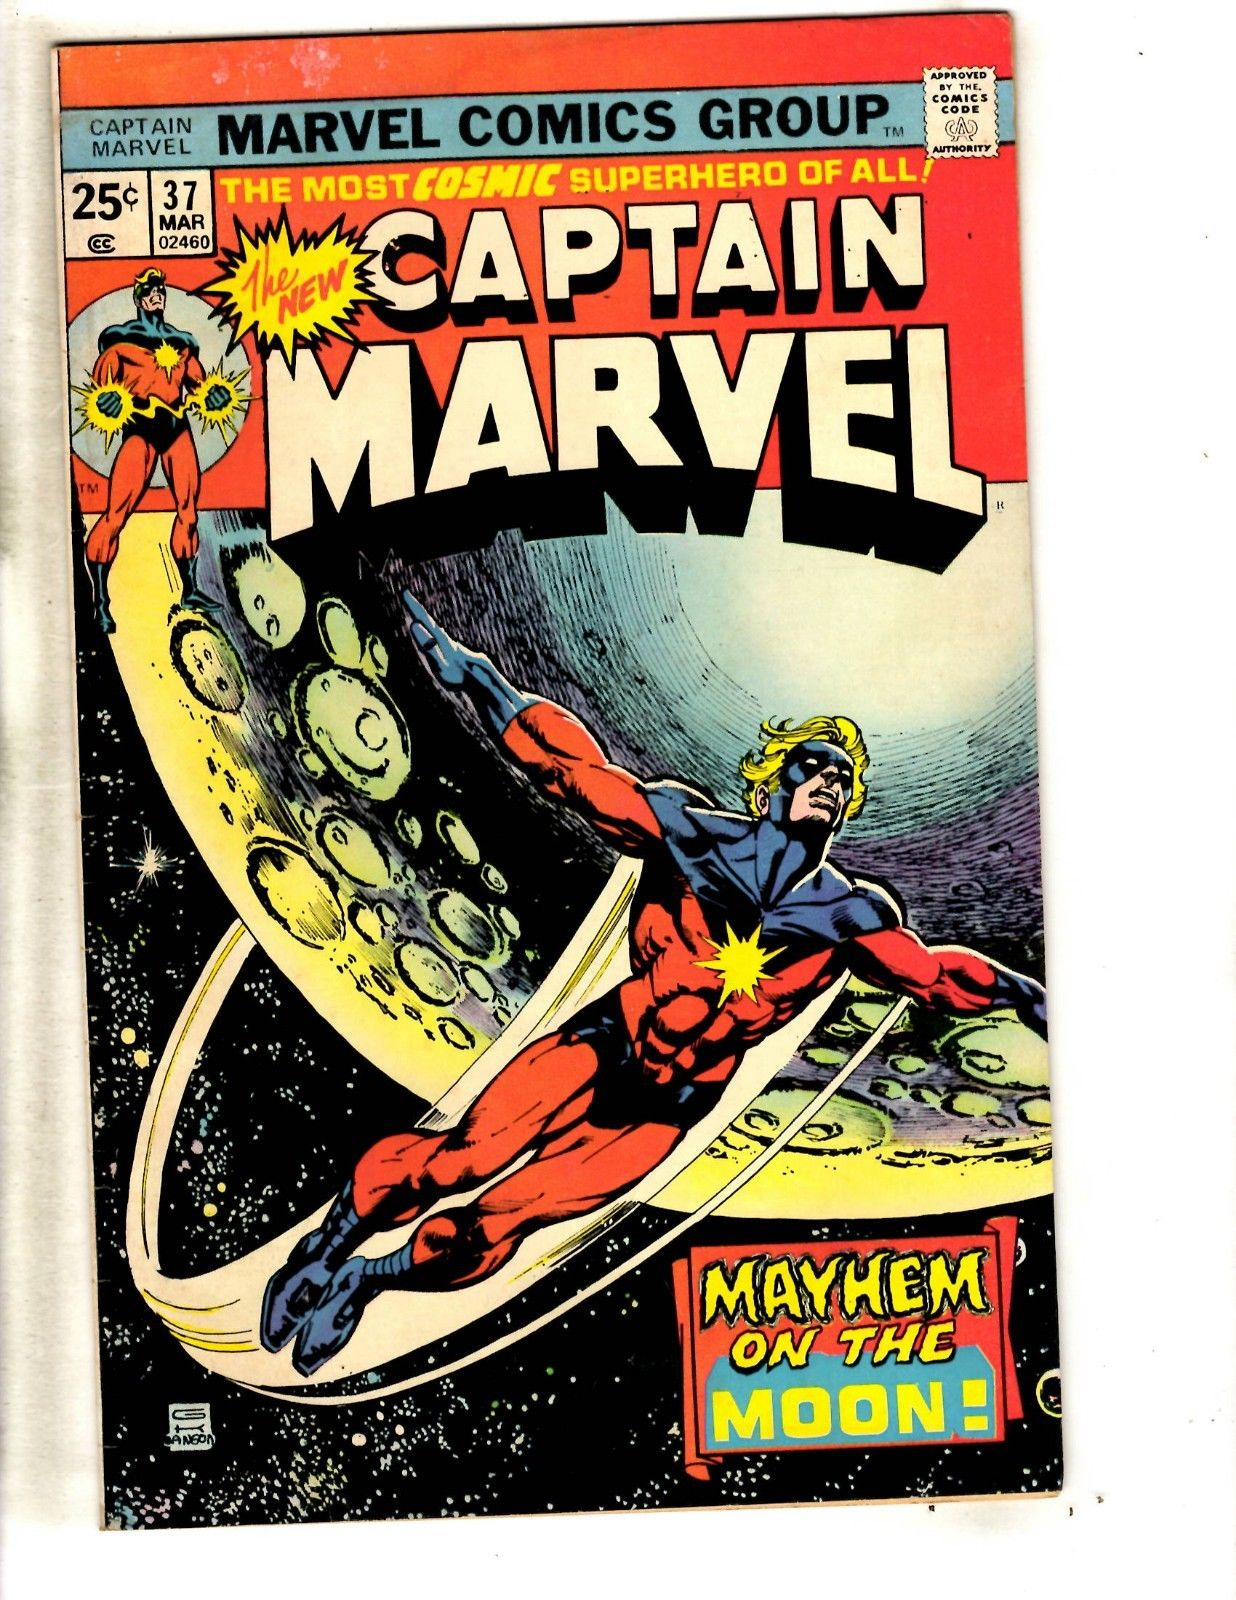 Lot Of 8 Captain Marvel Comic Books # 37 38 40 44 47 55 56 57 Avengers Hulk JG3